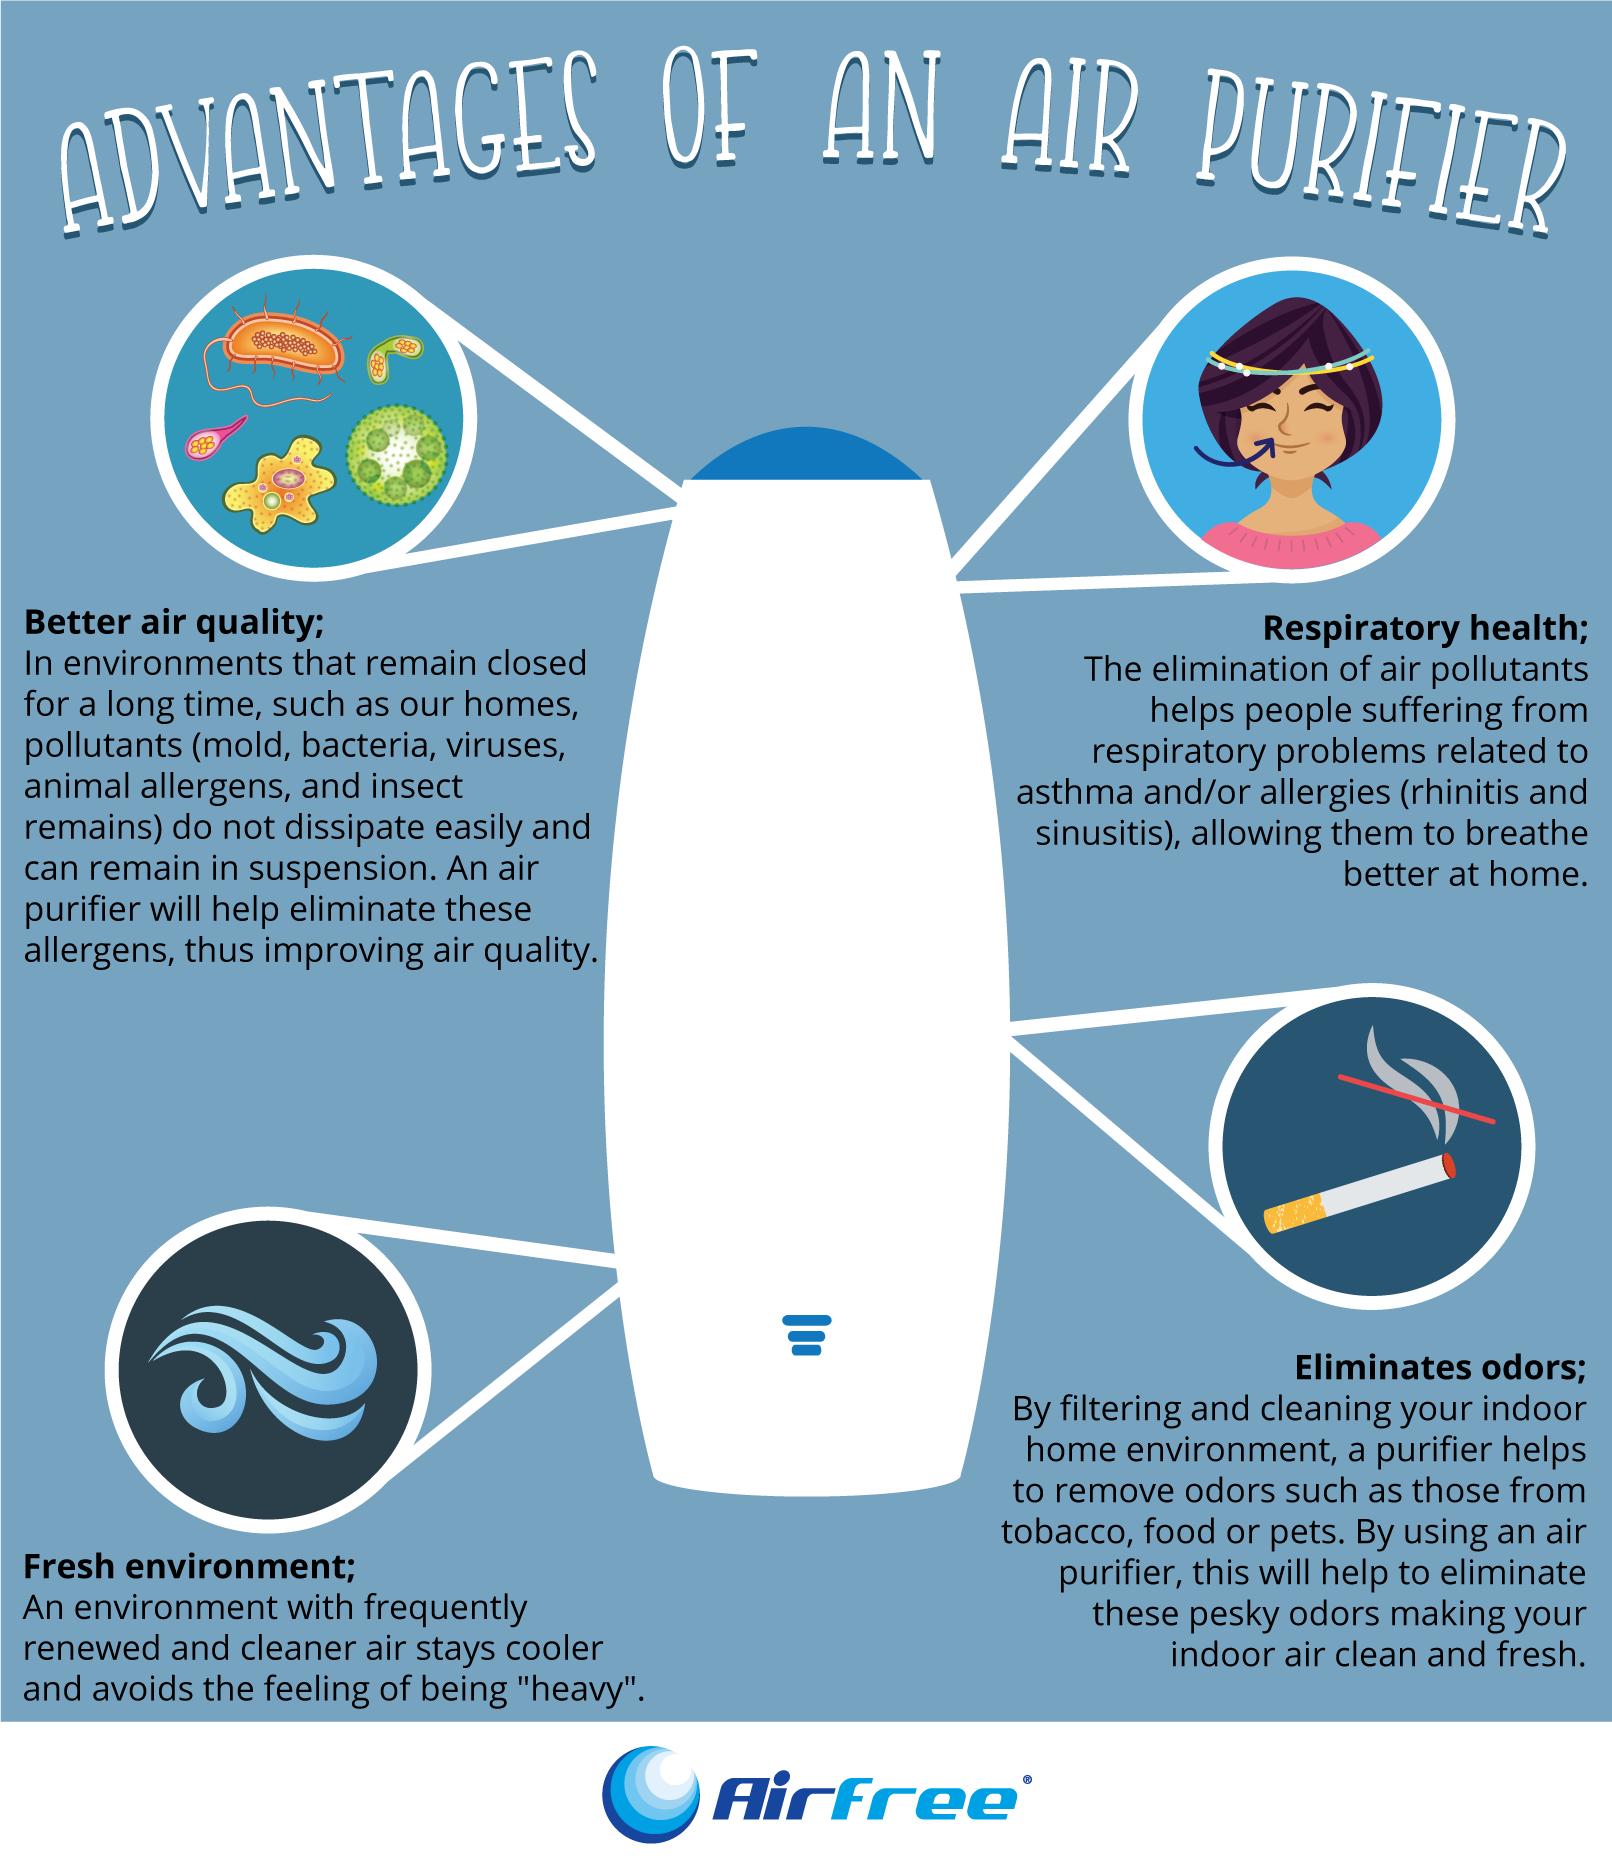 Advantages of Air Purifier